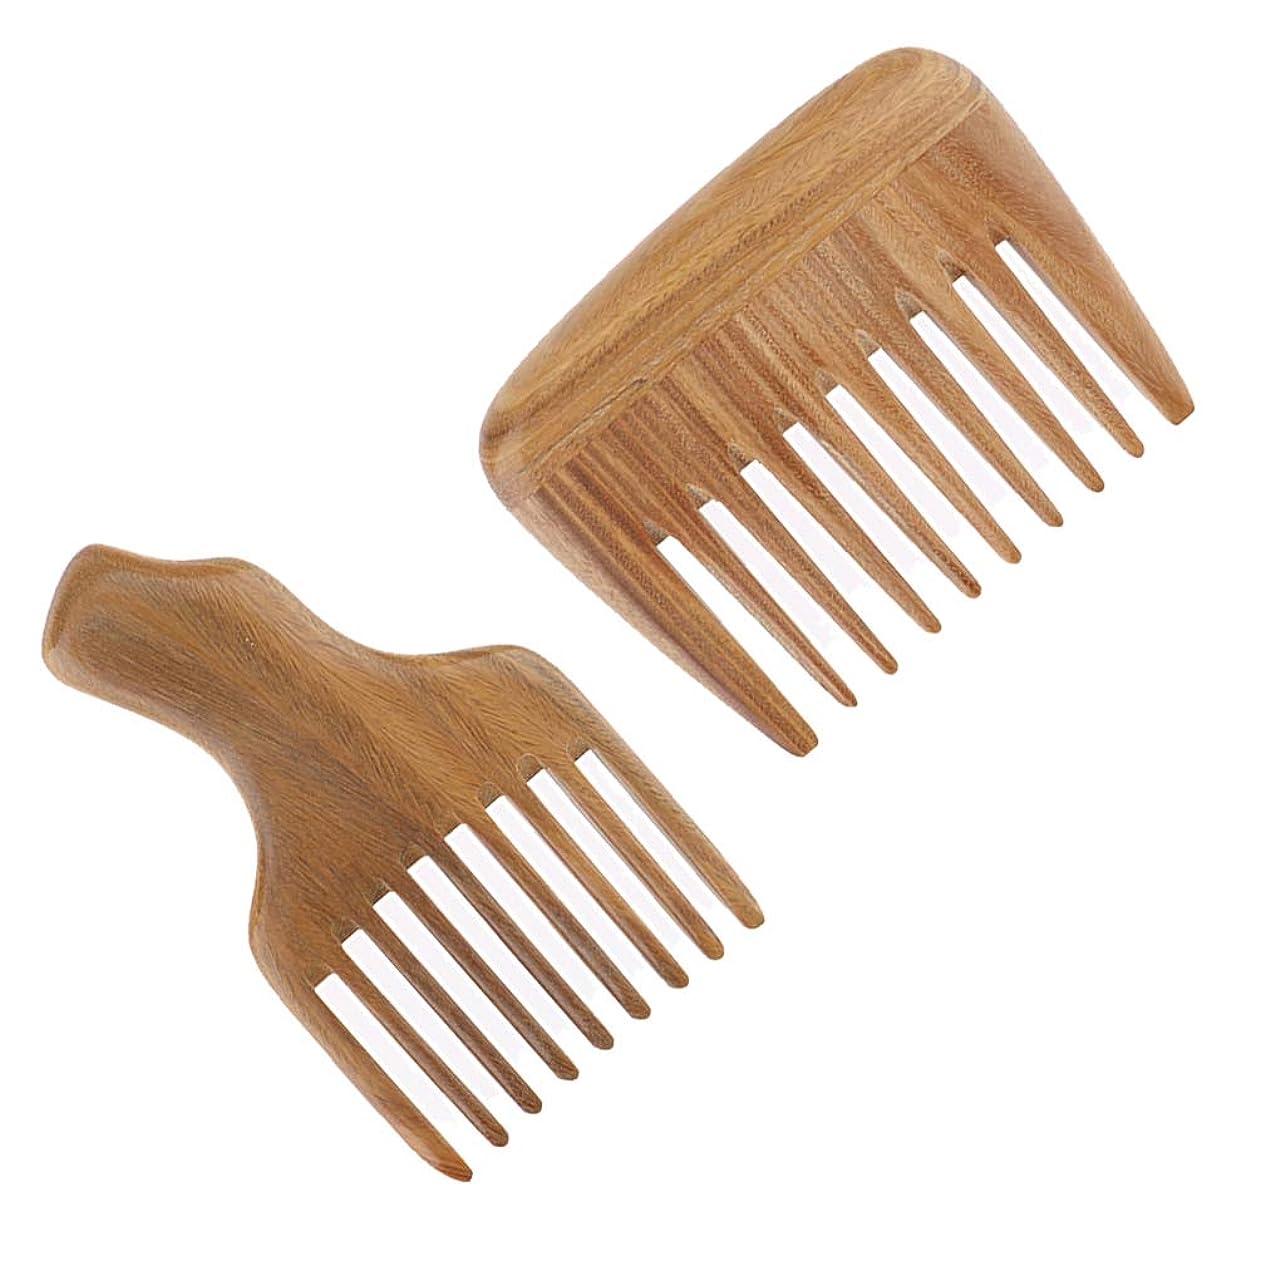 非常に消毒する小売T TOOYFUL 木製コーム ヘアブラシ ヘアコーム 粗い櫛 ユニセックス 理髪店 サロン アクセサリー 2個入り